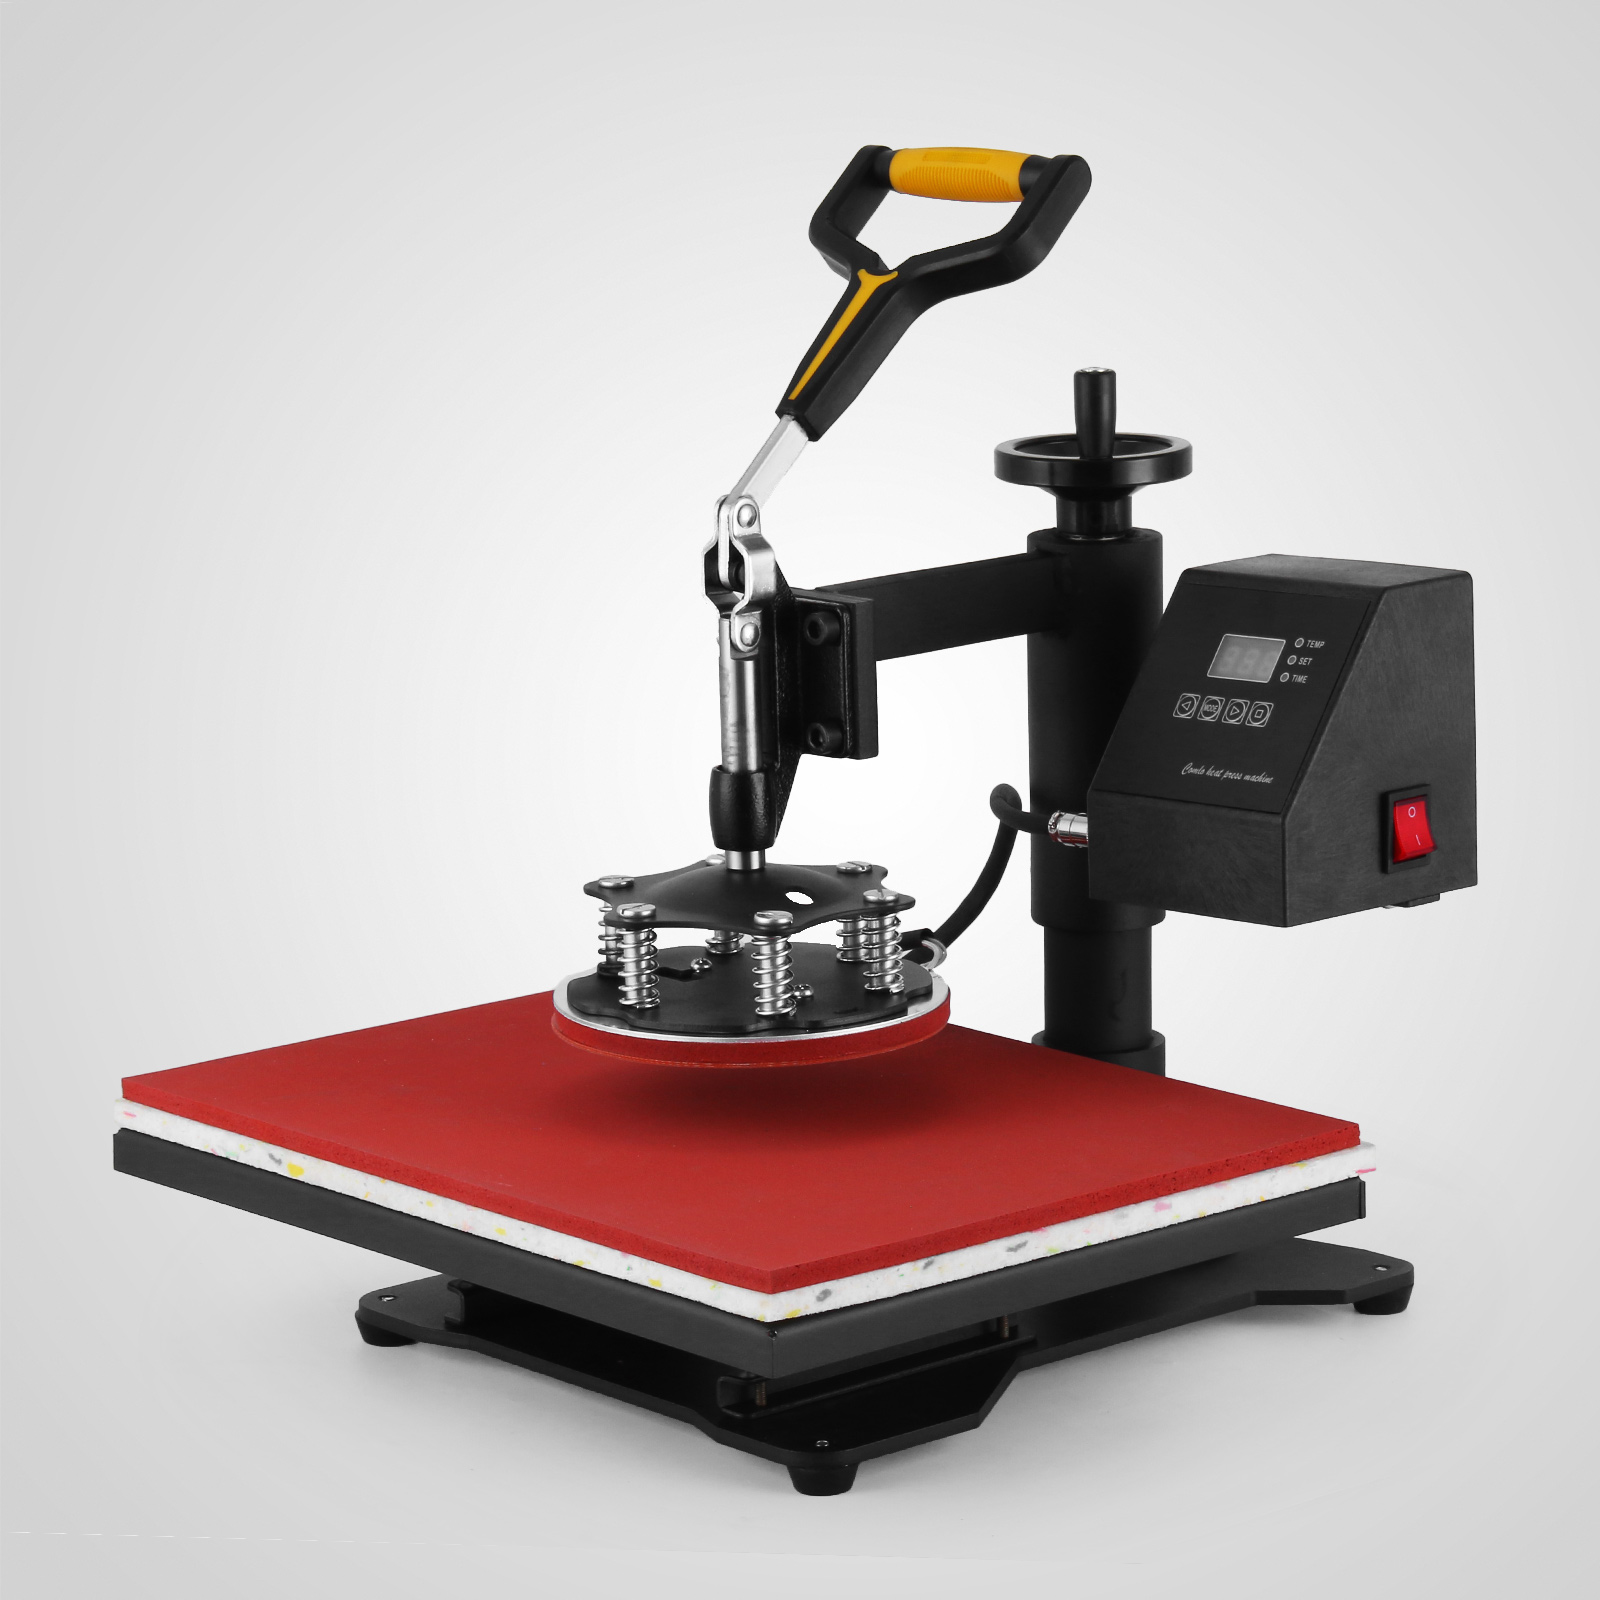 5in1 heat press machine